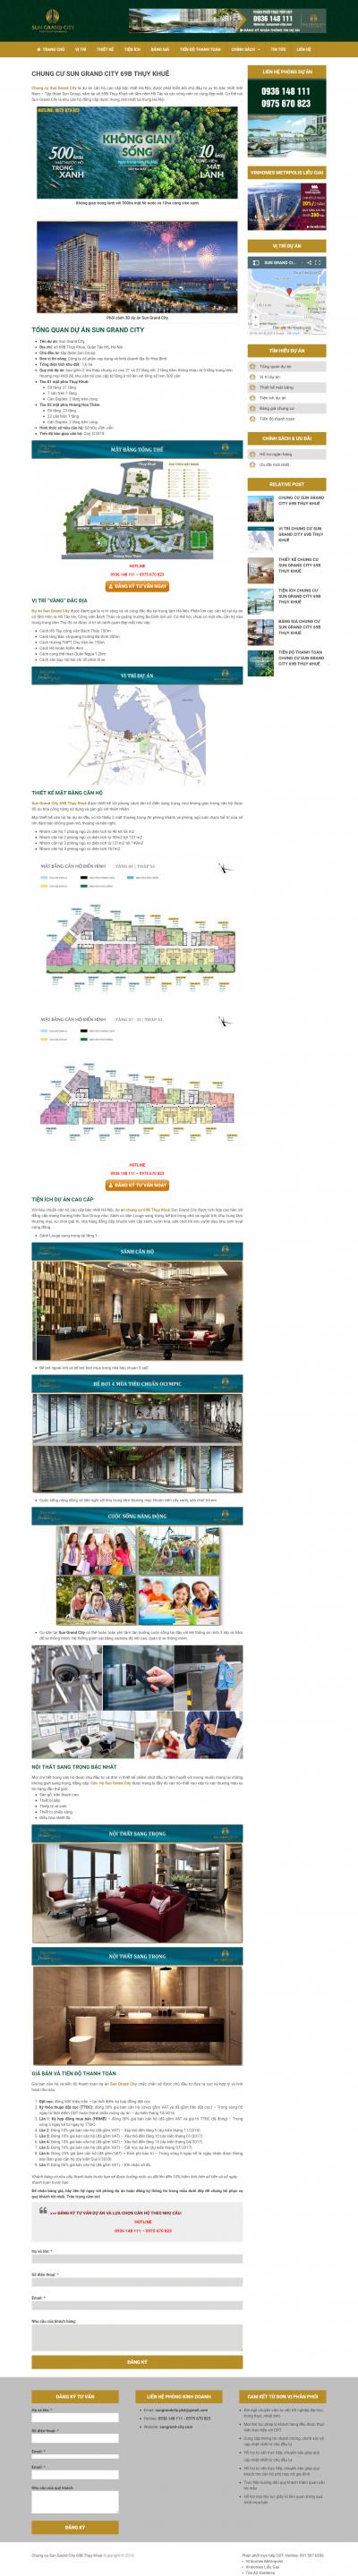 Giao diện website Bất động sản Z - 40